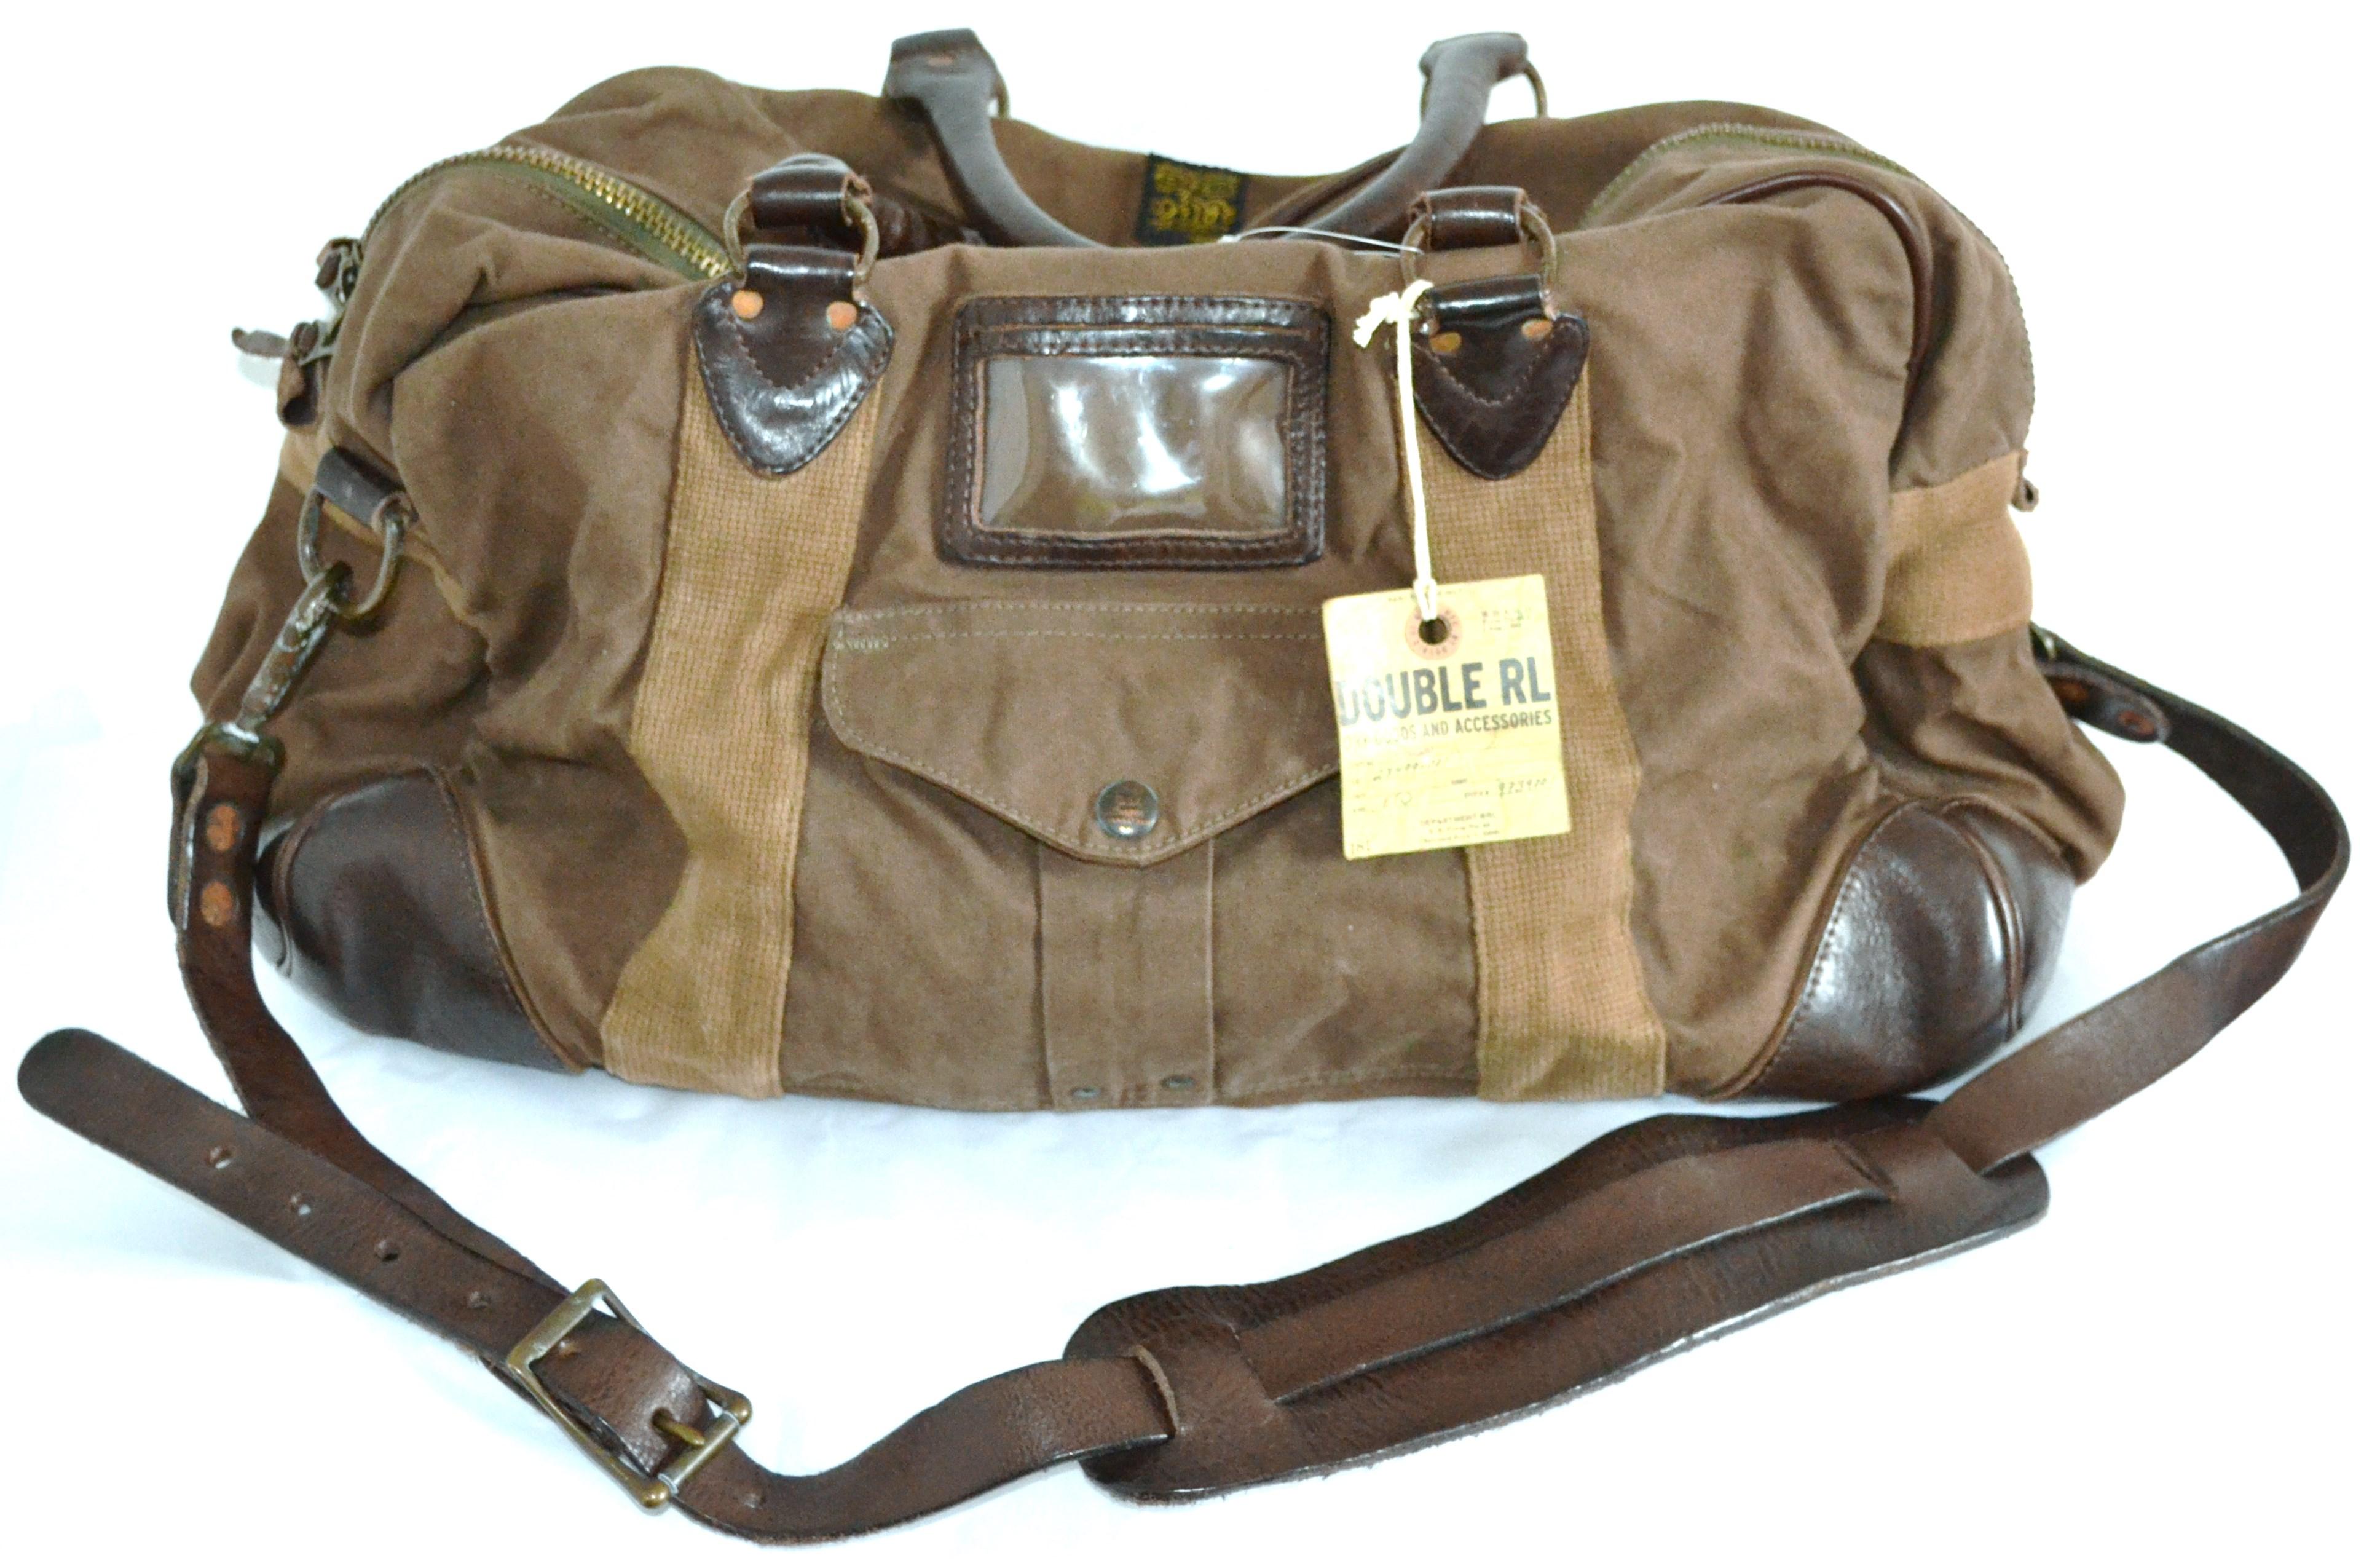 8dfff9050b Rrl Double Rl Ralph Lauren Bag